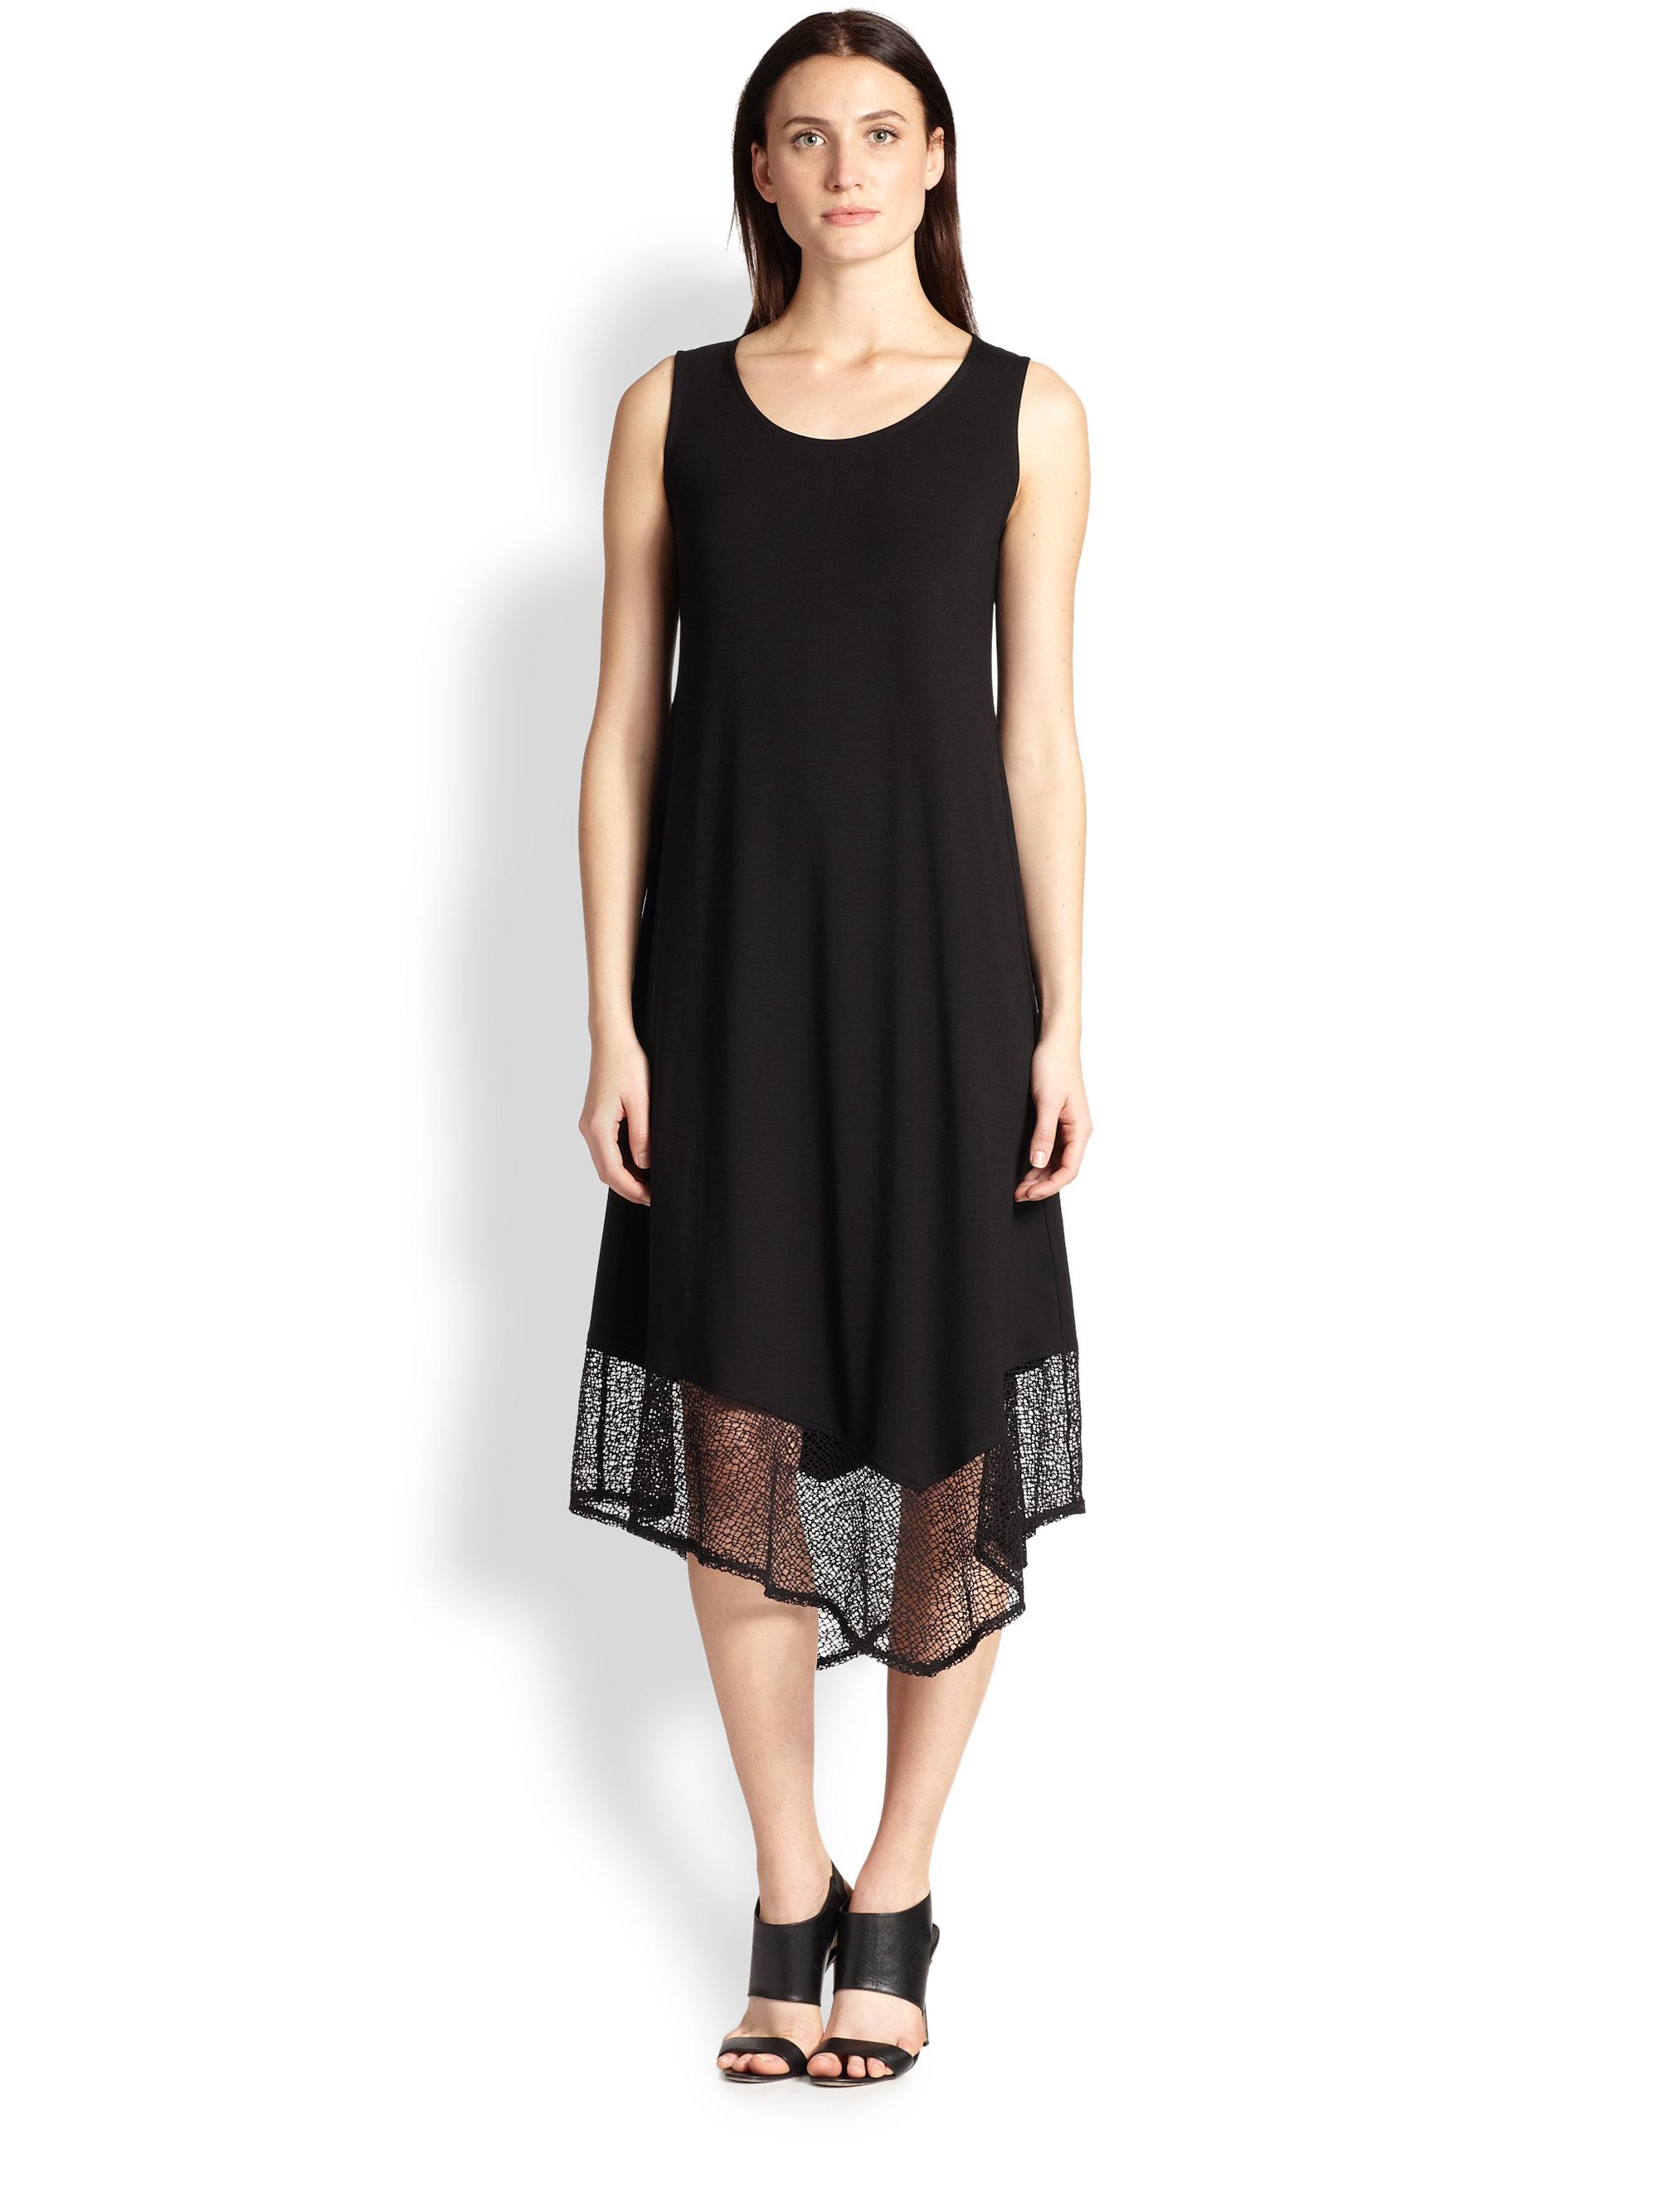 Black Knit Tank Dress